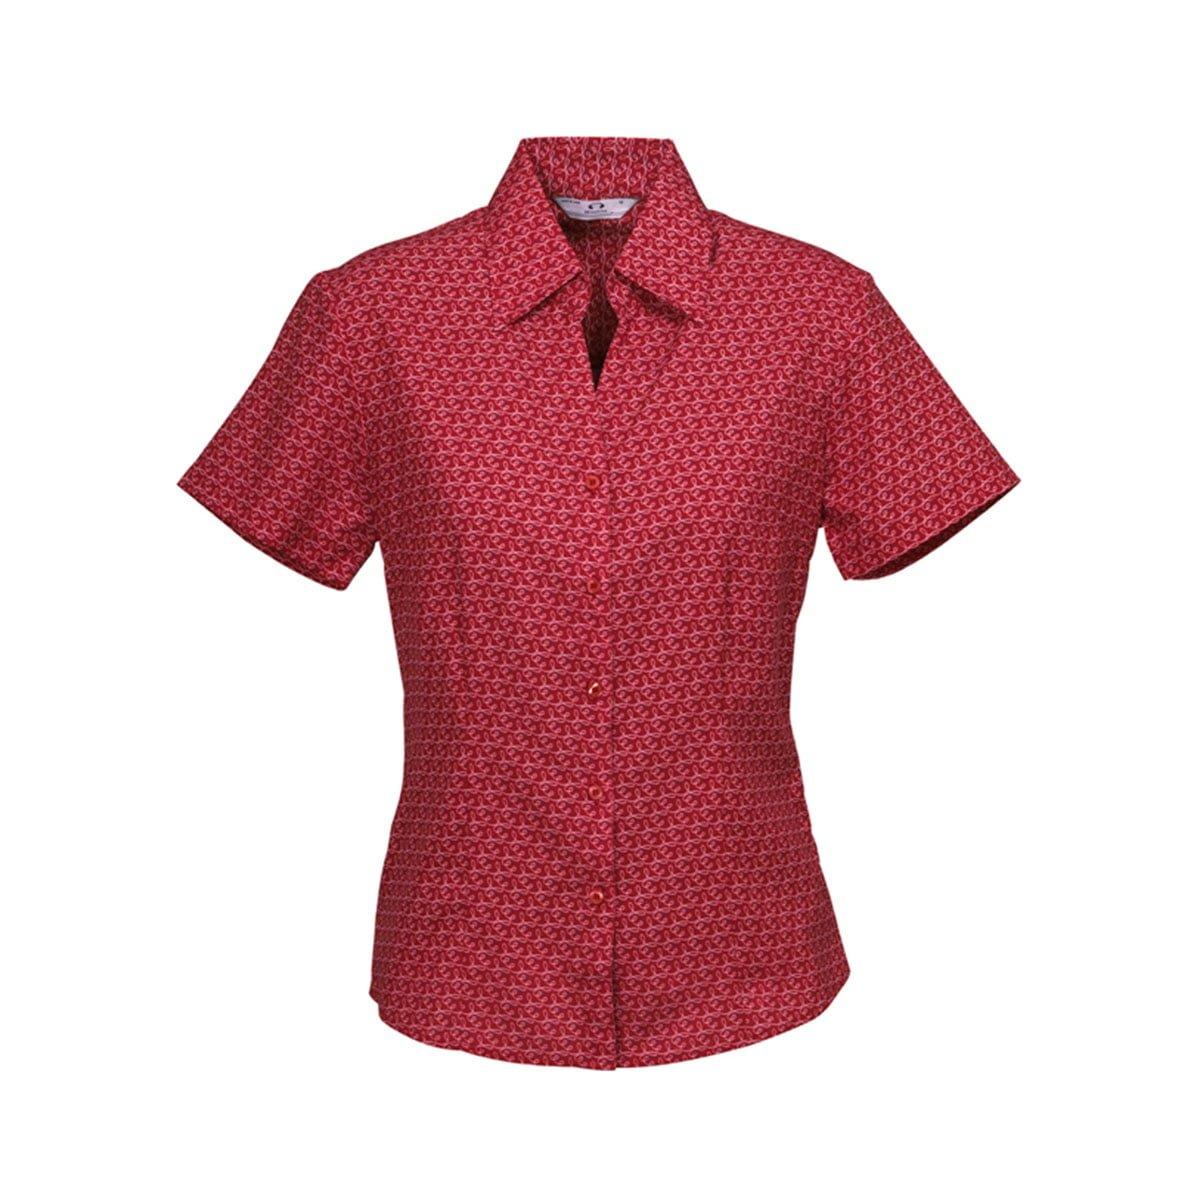 Ladies Printed Oasis Short Sleeve Shirt-Cherry